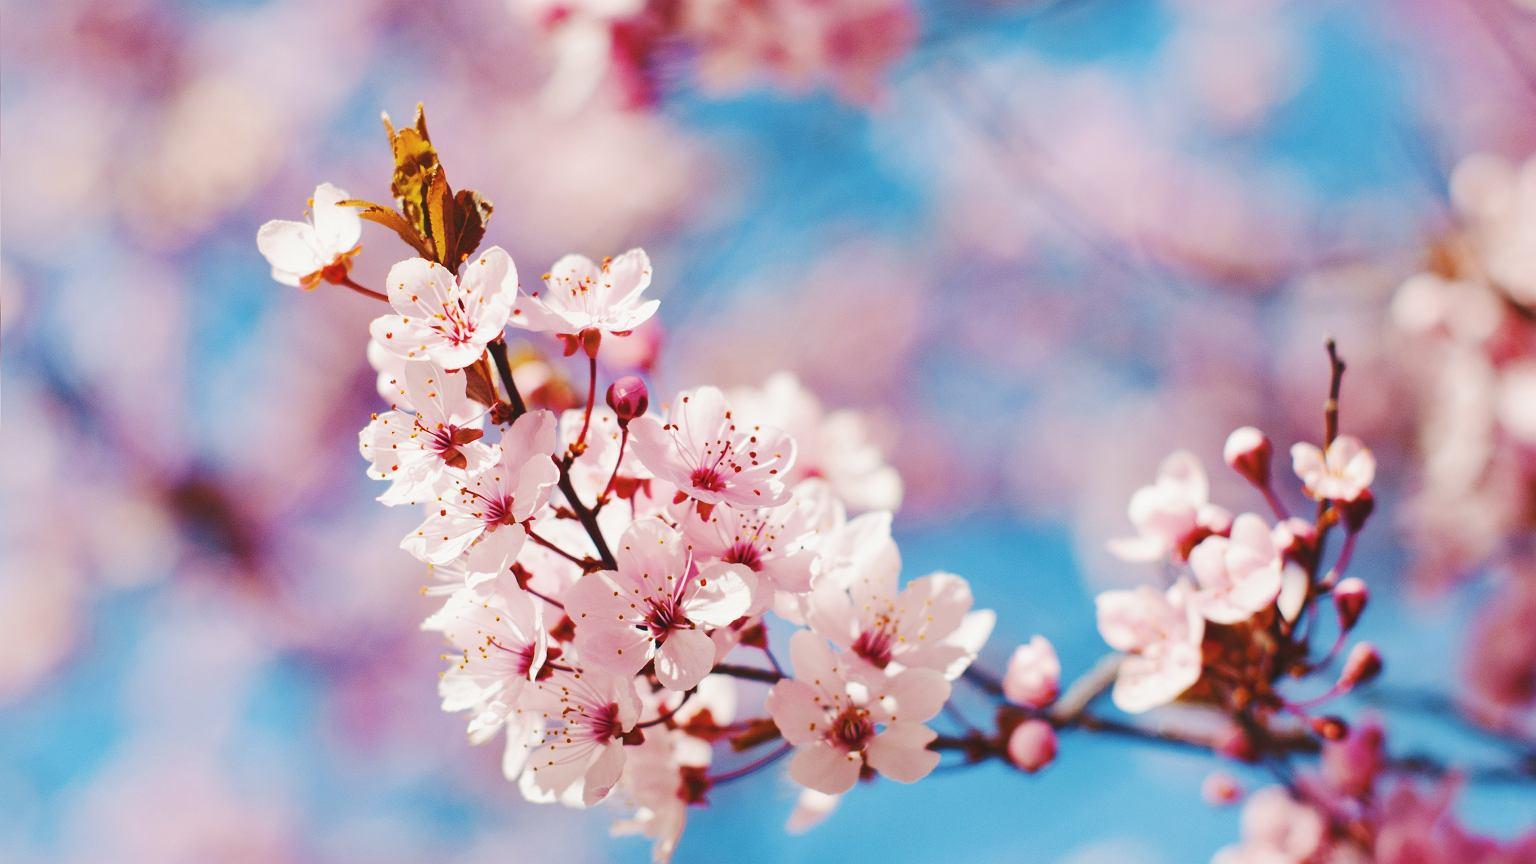 Pierwszy dzień wiosny - kiedy wypada? Czym jest wiosna astronomiczna i  kalendarzowa?